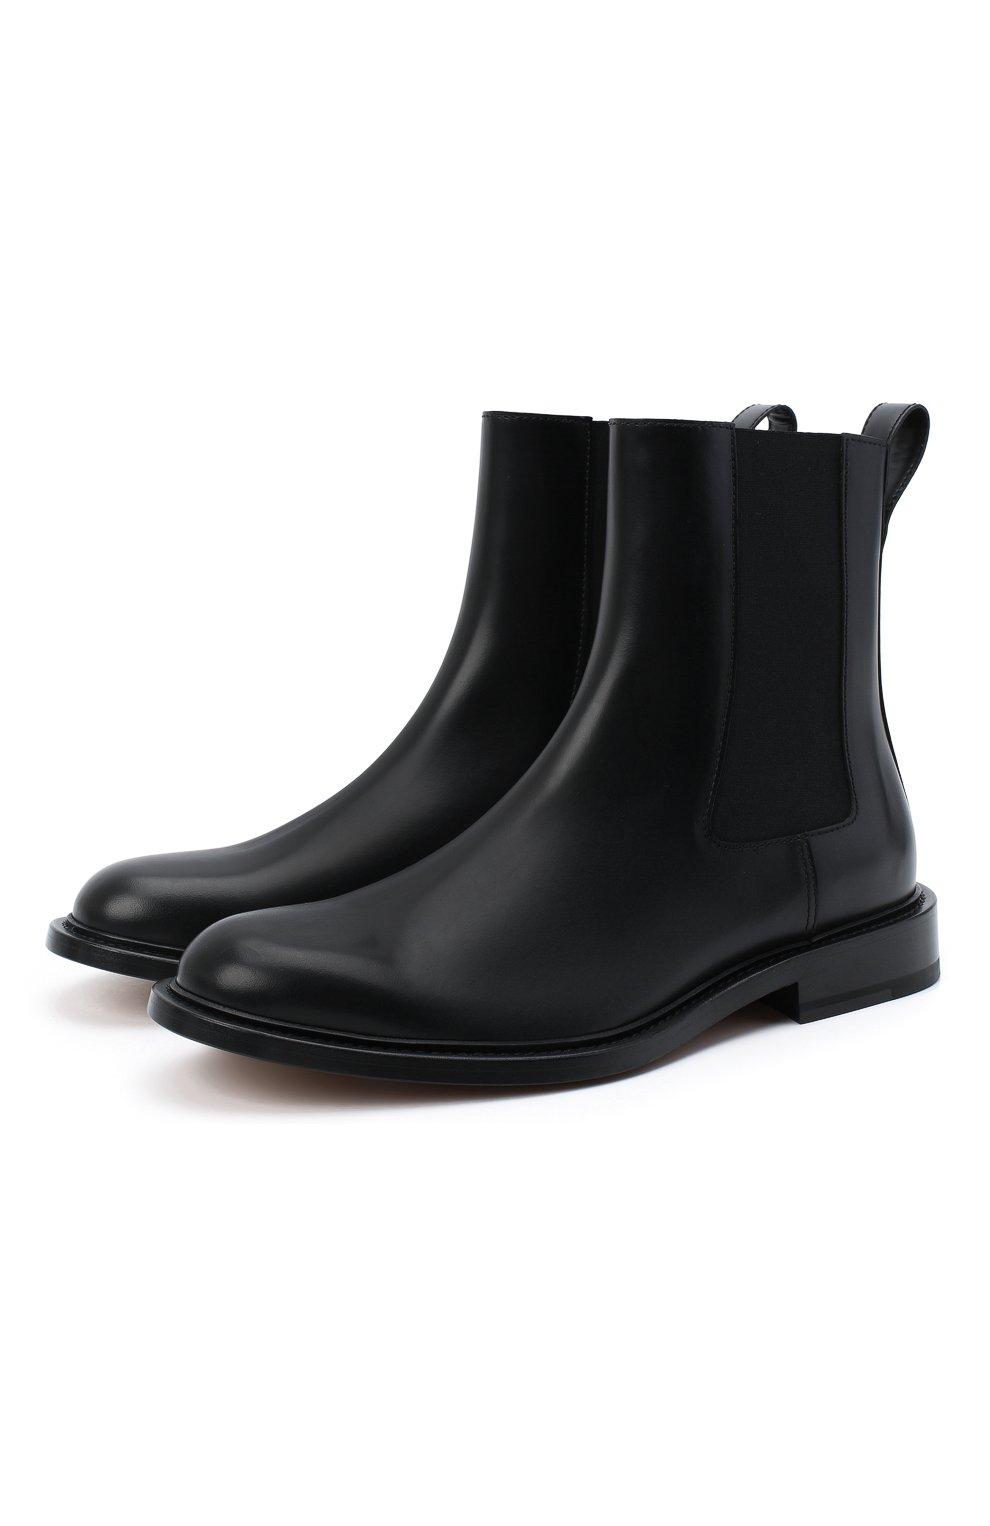 Мужские кожаные челси the level BOTTEGA VENETA черного цвета, арт. 652357/V00H0 | Фото 1 (Материал внутренний: Натуральная кожа; Подошва: Плоская; Мужское Кросс-КТ: Сапоги-обувь, Челси-обувь)